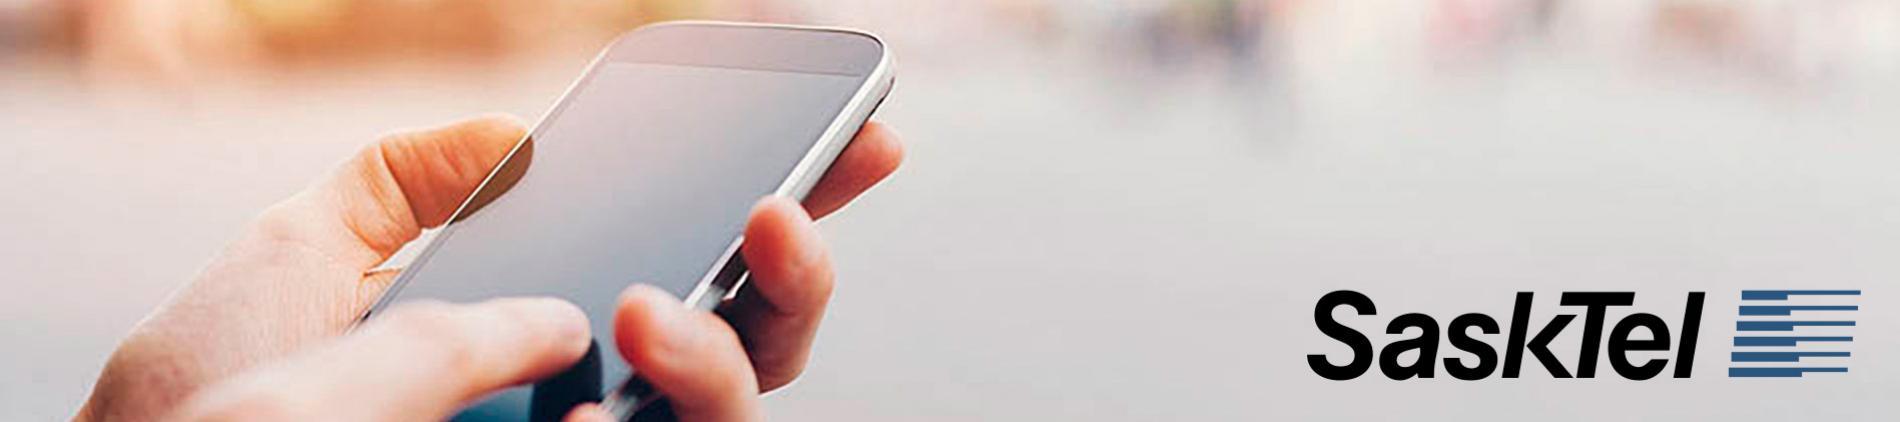 Sasktel,mobility,mobile,cellular